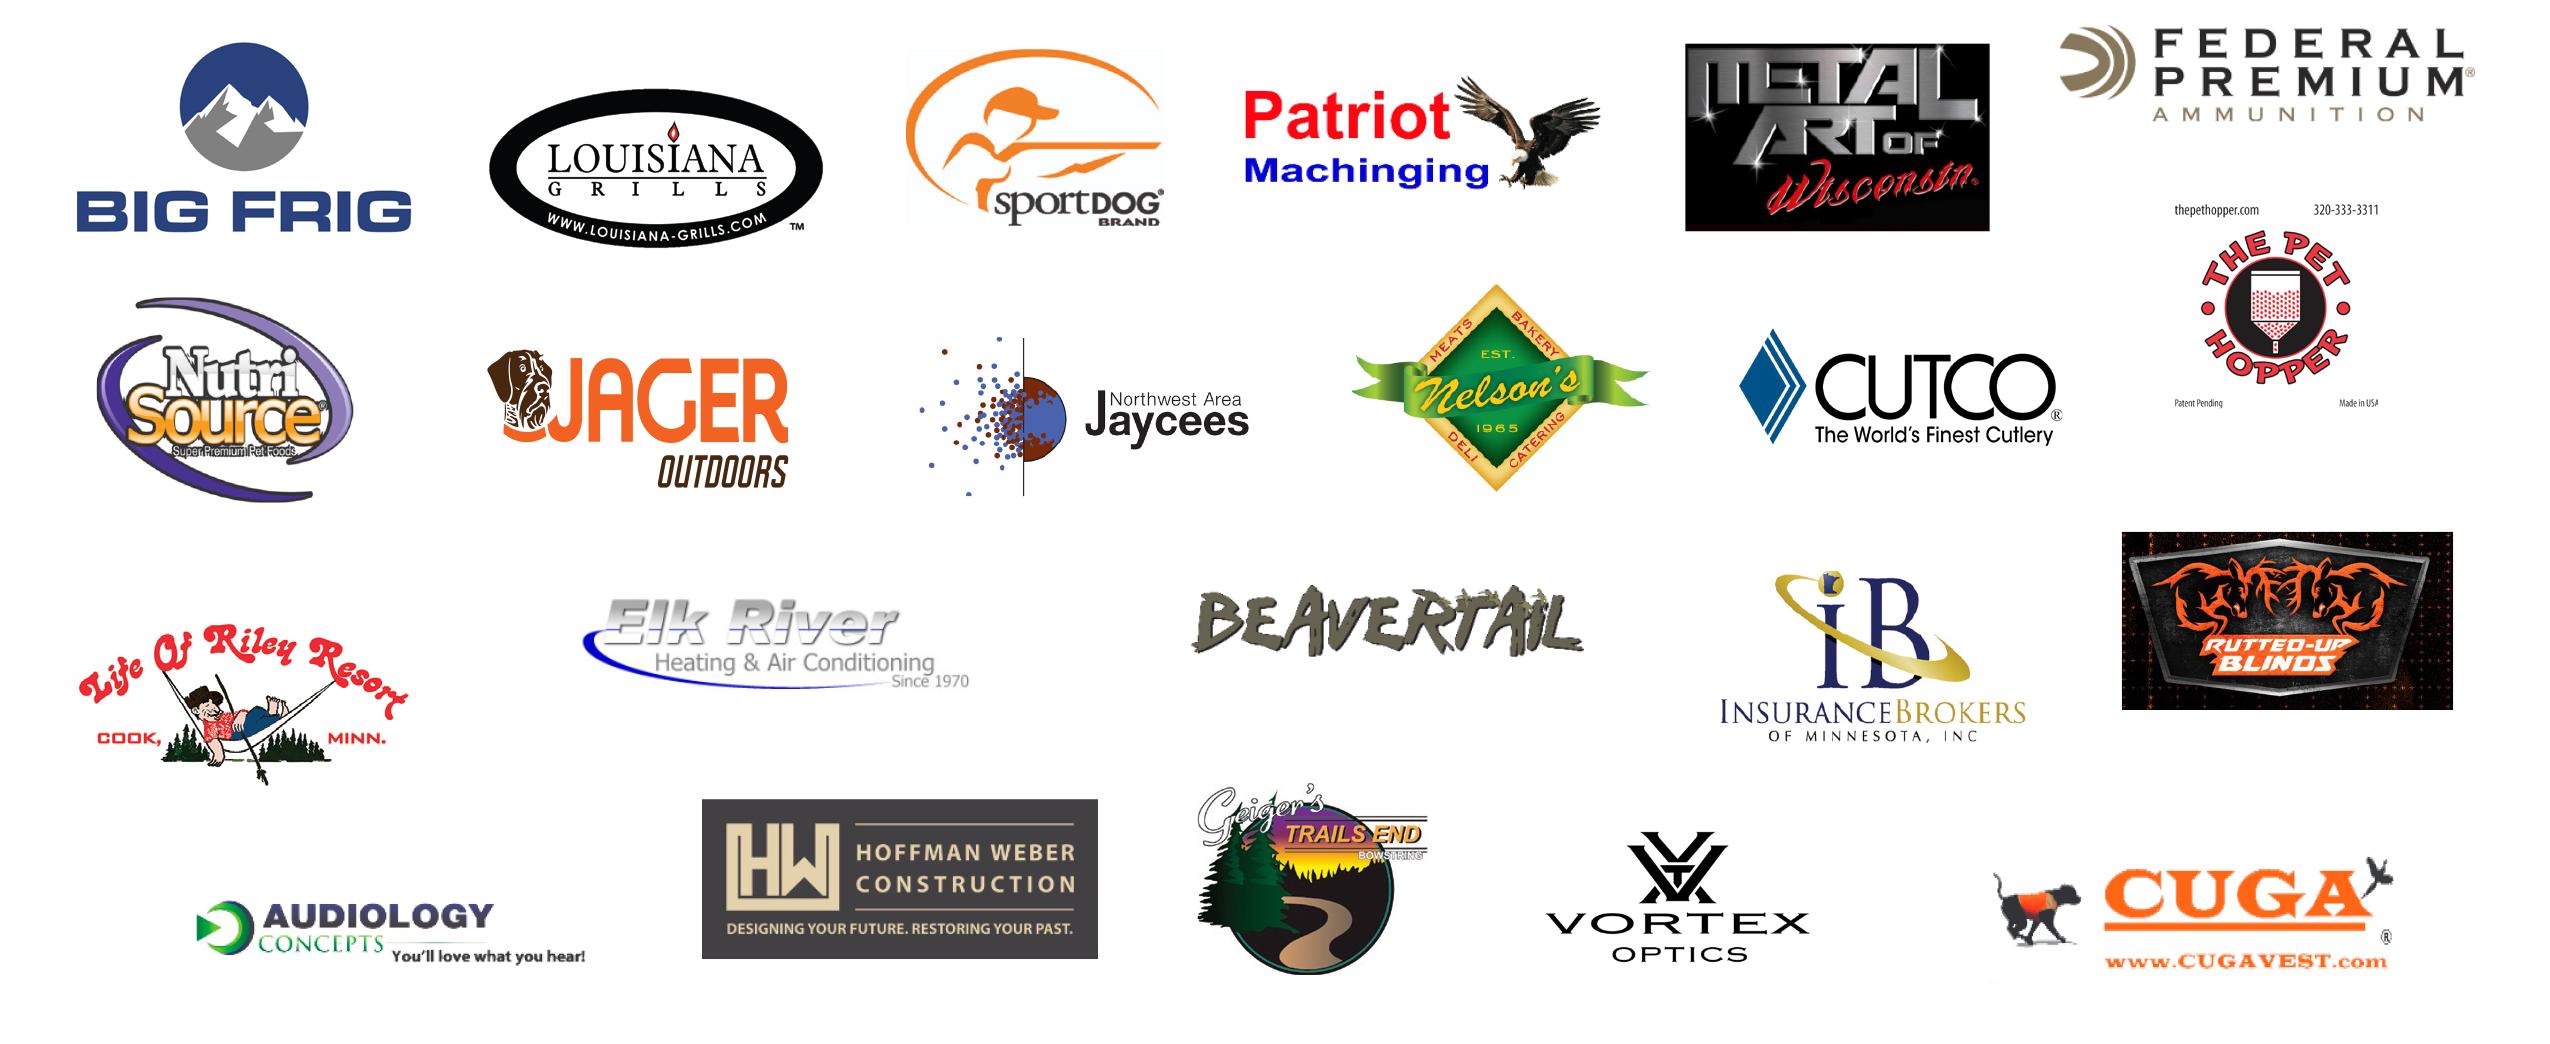 Cackle & spur sponsors